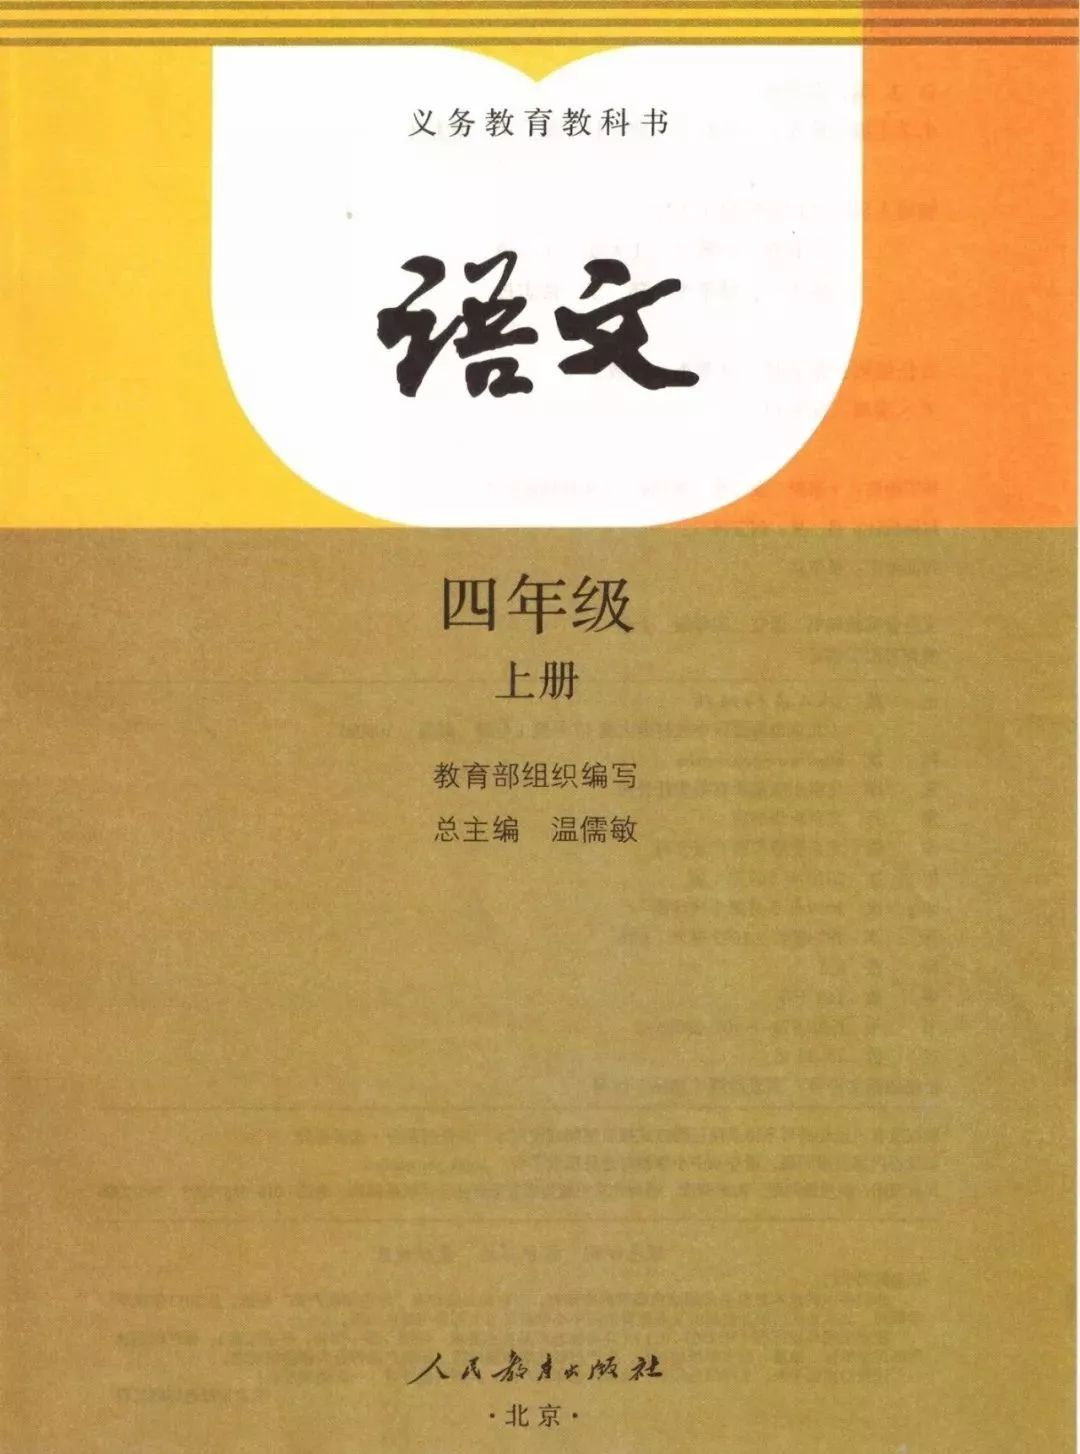 部编版四年级语文(上册)教材电子课本